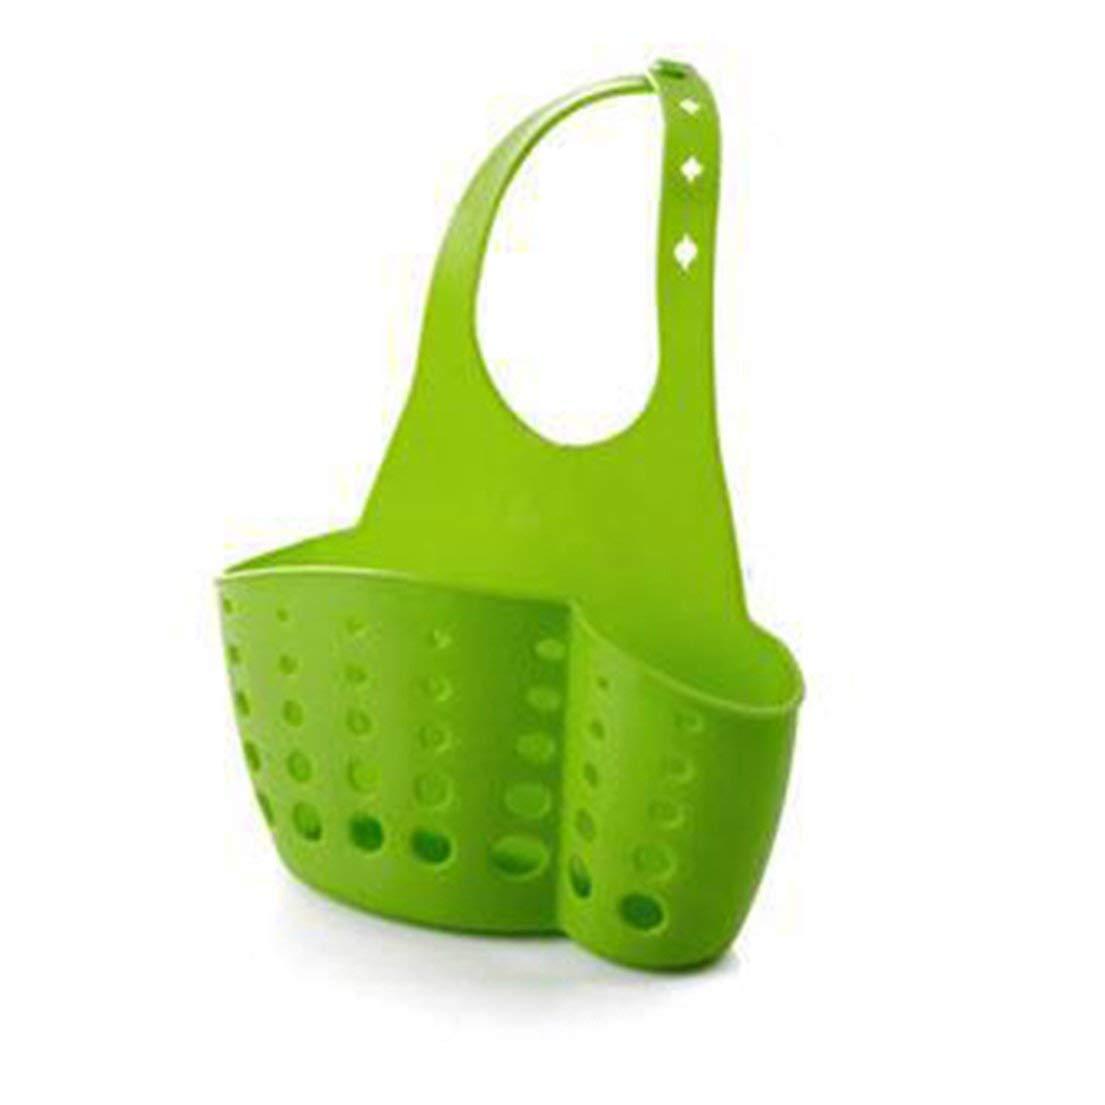 Adjustable Design Snap Sink Faucet Housing Cradle Kitchen Shelving Rack Kitchen Sponge Holder Storage Basket - Green